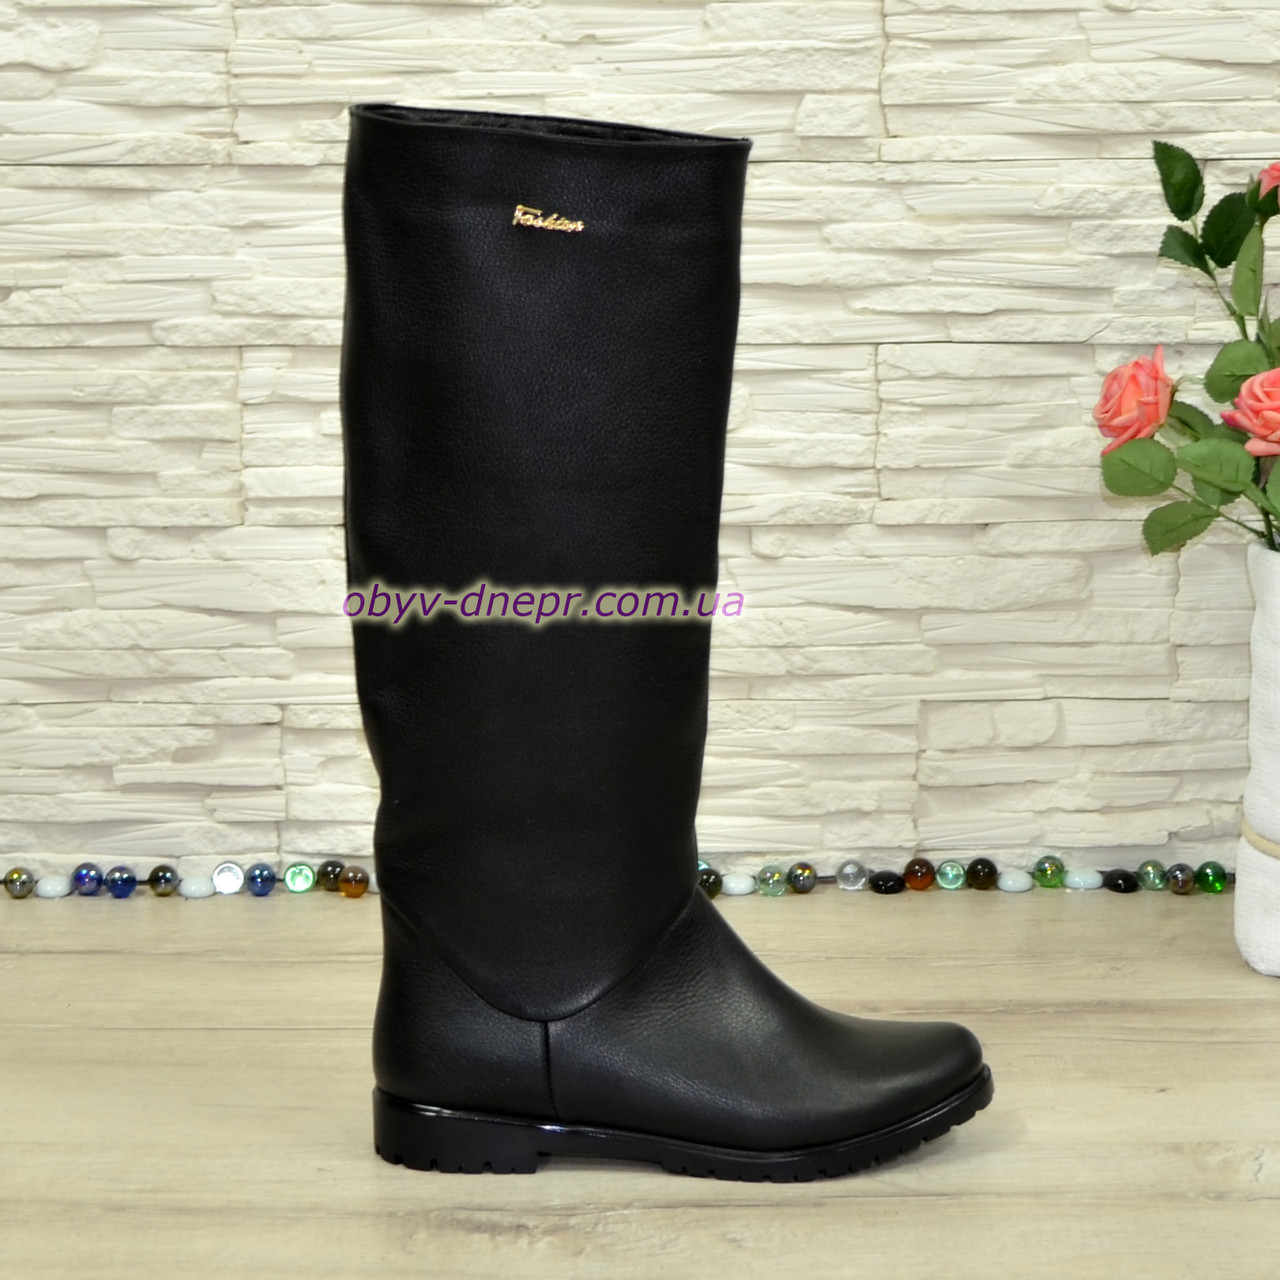 Сапоги-трубы женские кожаные демисезонные черного цвета